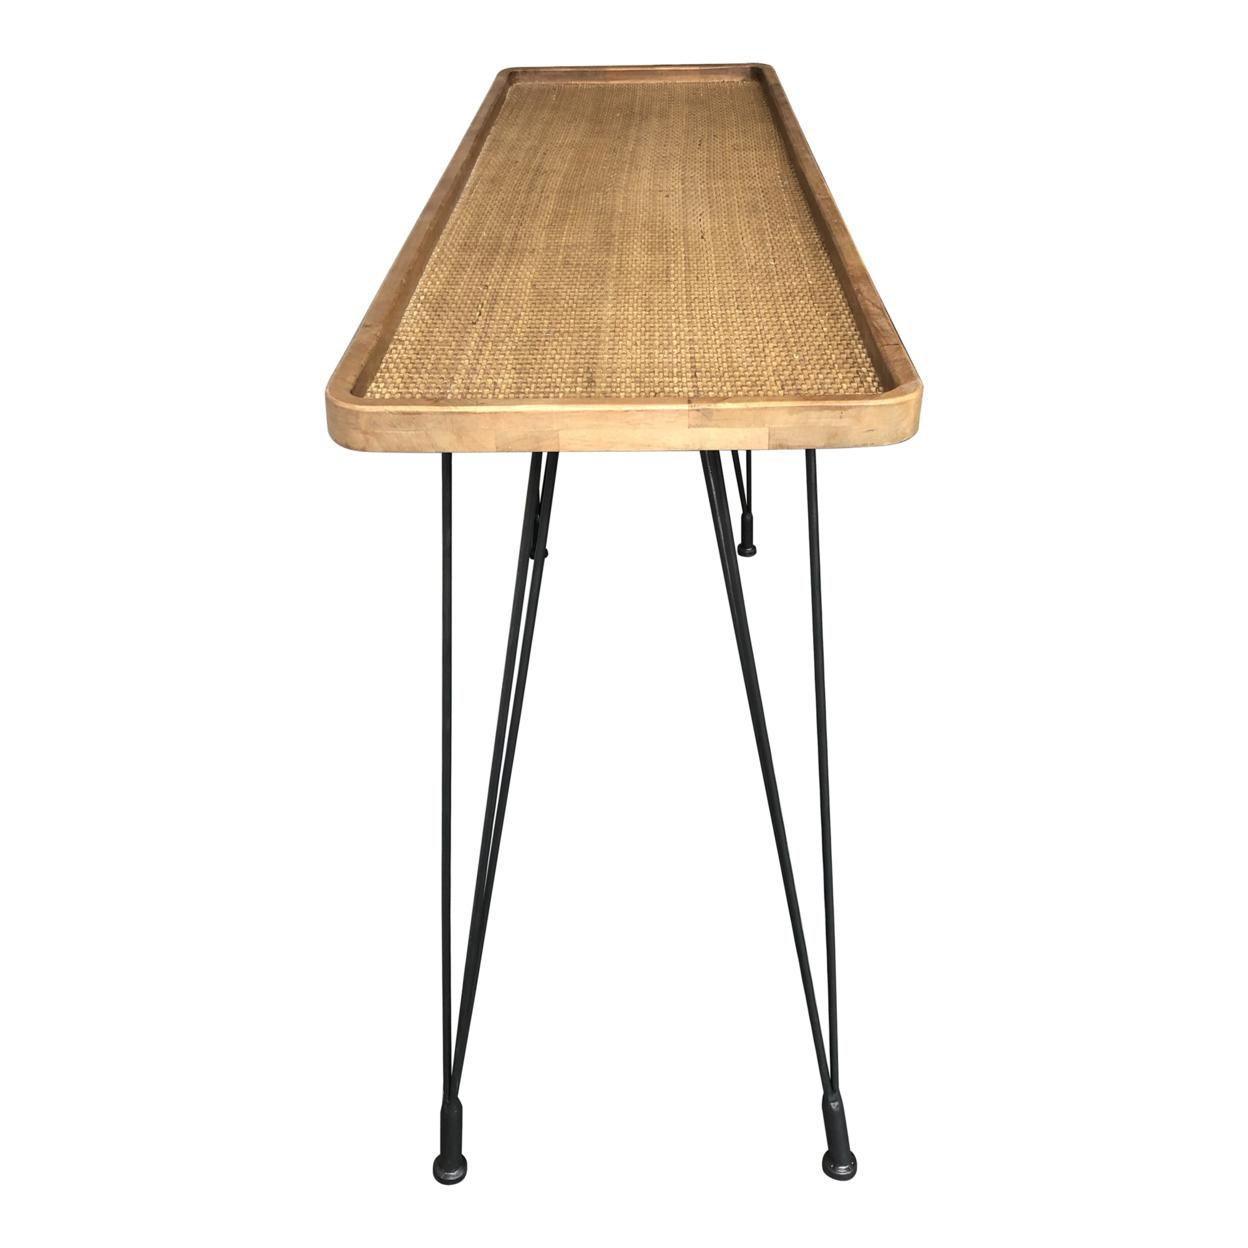 ROLLO RATTAN CONSOLE TABLE